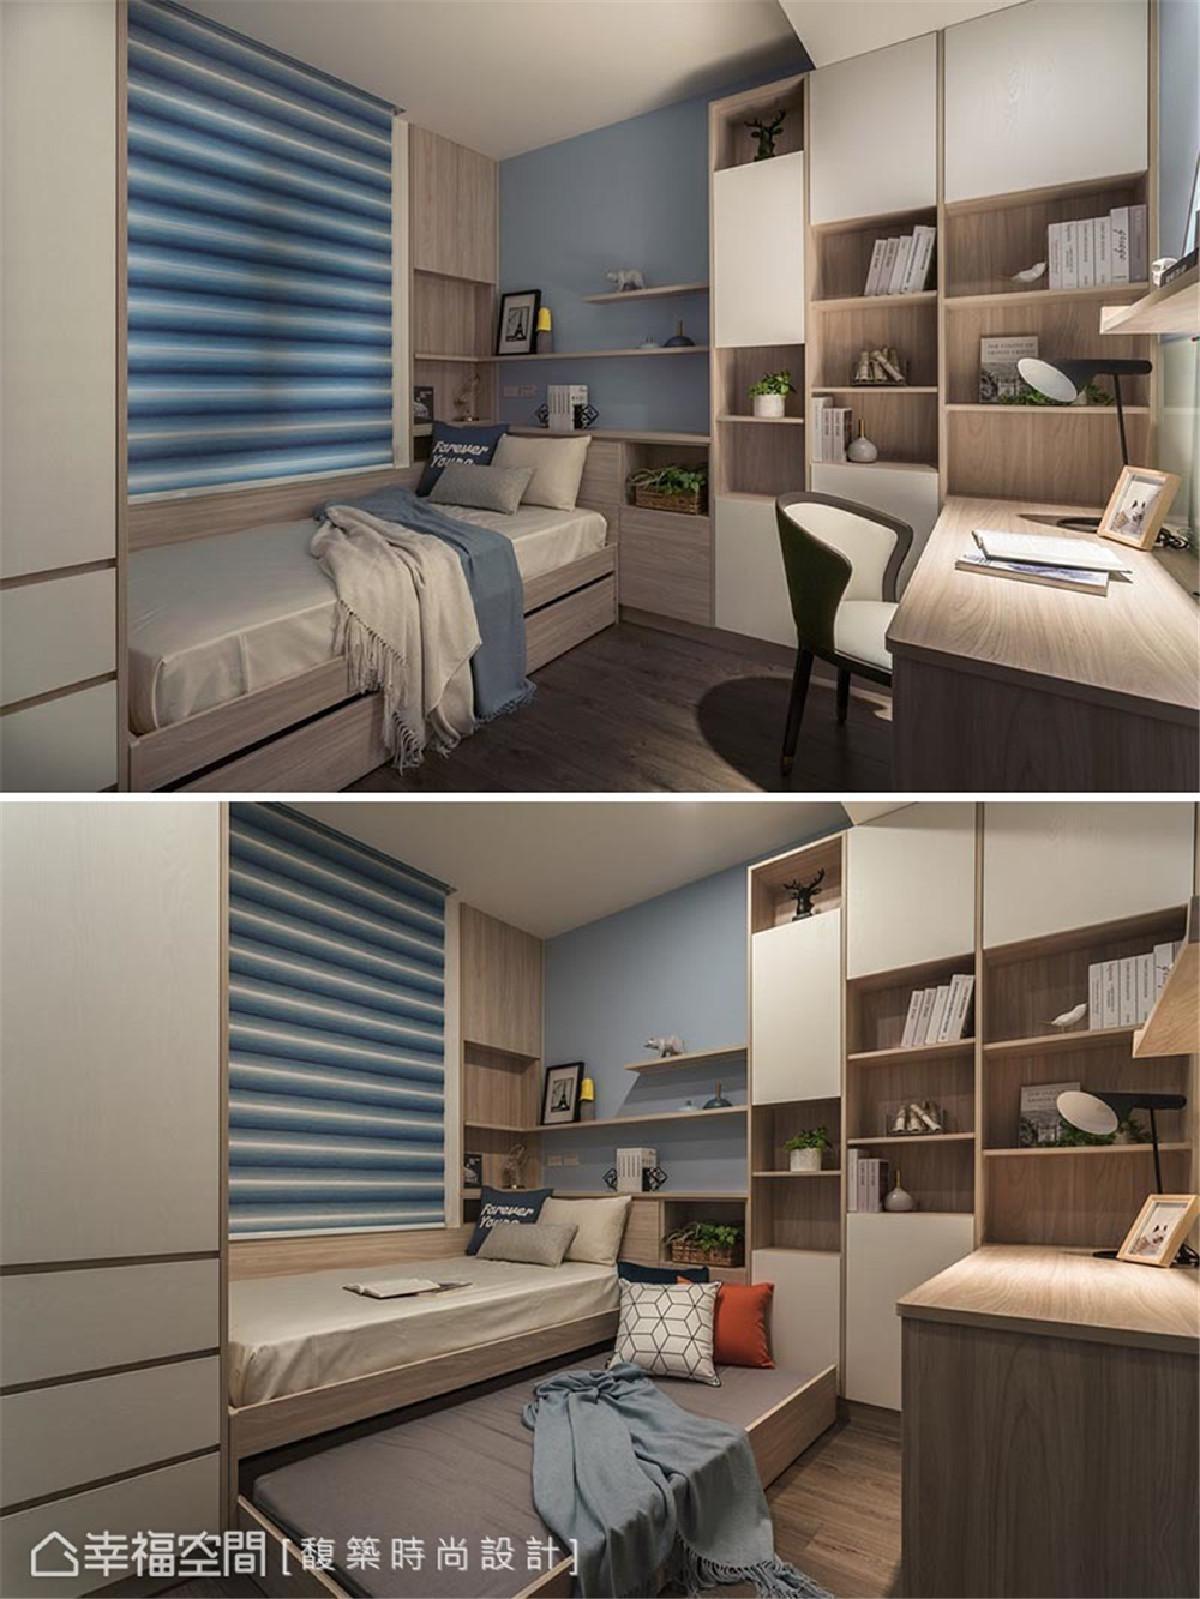 小孩房(一) 为打造符合青春期小孩的生活空间样貌,汤镇安设计师运用活泼展示层架搭配子母床设计,丰富空间的收纳与实用机能。